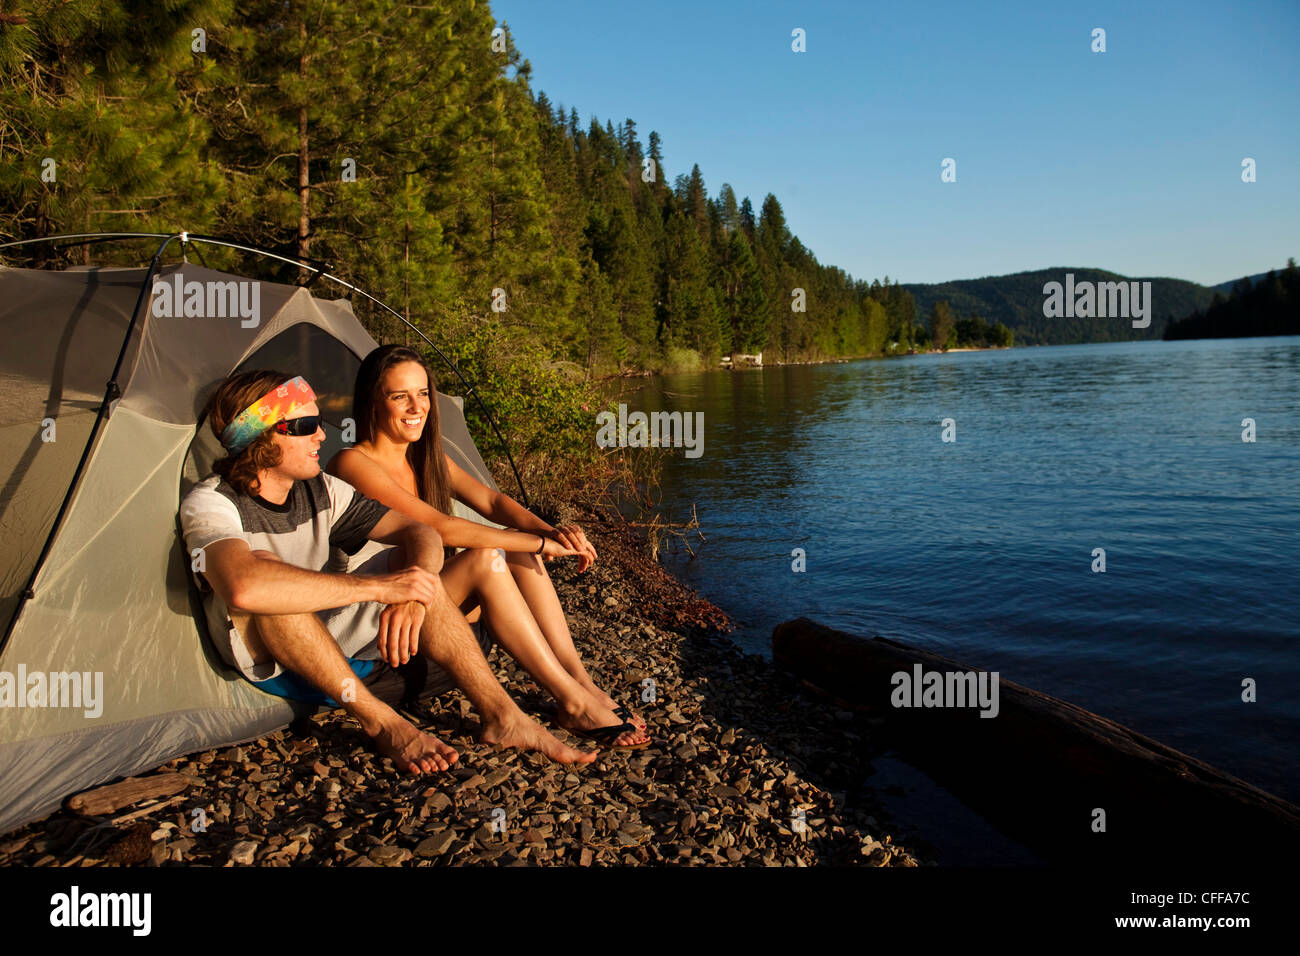 Deux jeunes adultes rire et sourire sur un camping et kayak voyage dans l'Idaho. Photo Stock